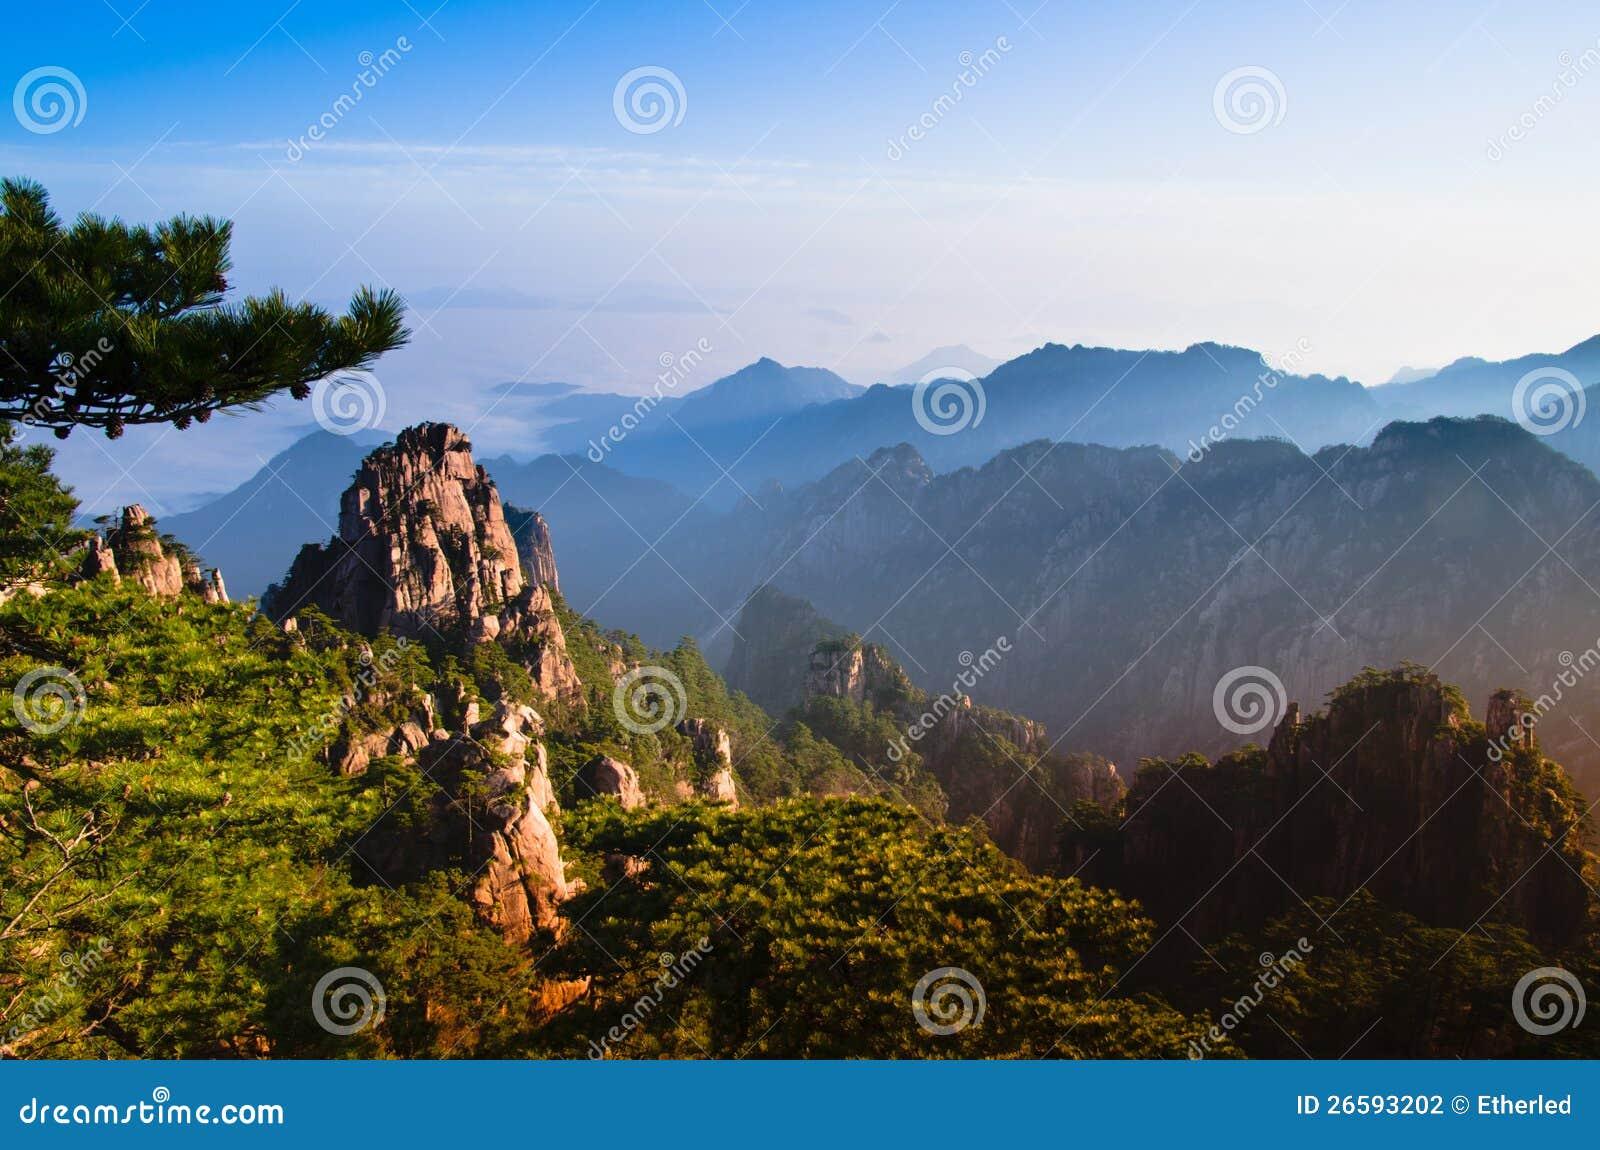 Montering huangshan